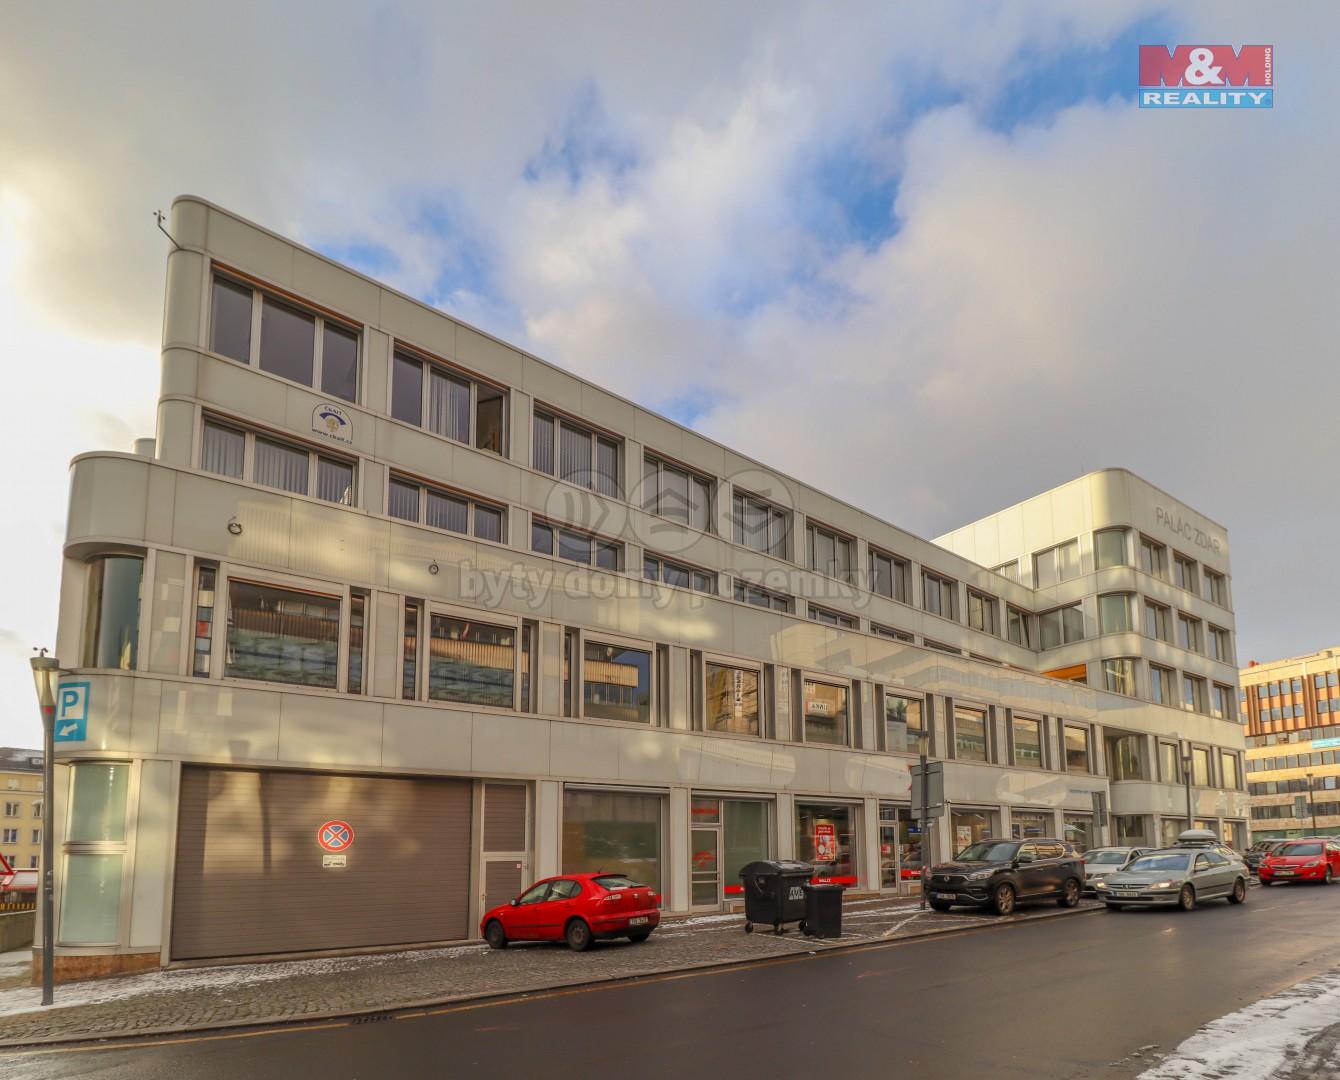 Pronájem obchod a služby, 182 m², Ústí nad Labem, ul. Dlouhá